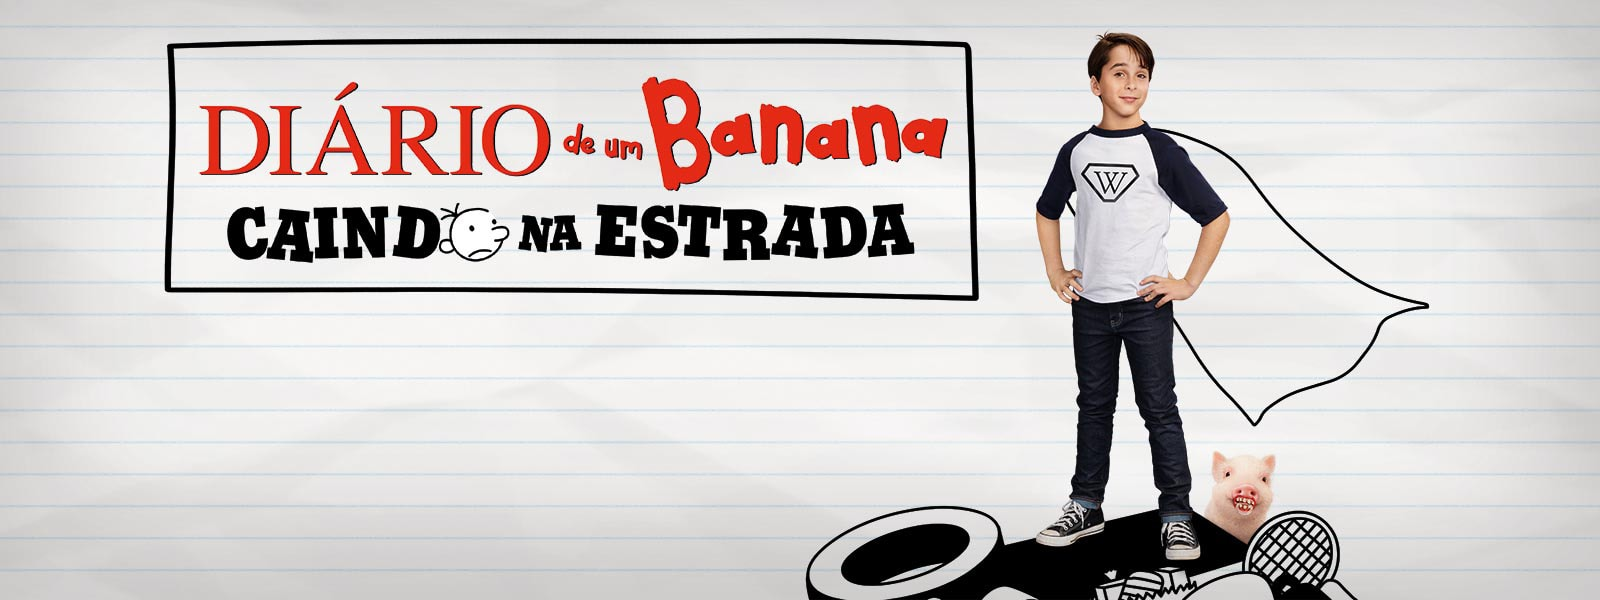 Filme - Diário de um Banana: Caindo na Estrada